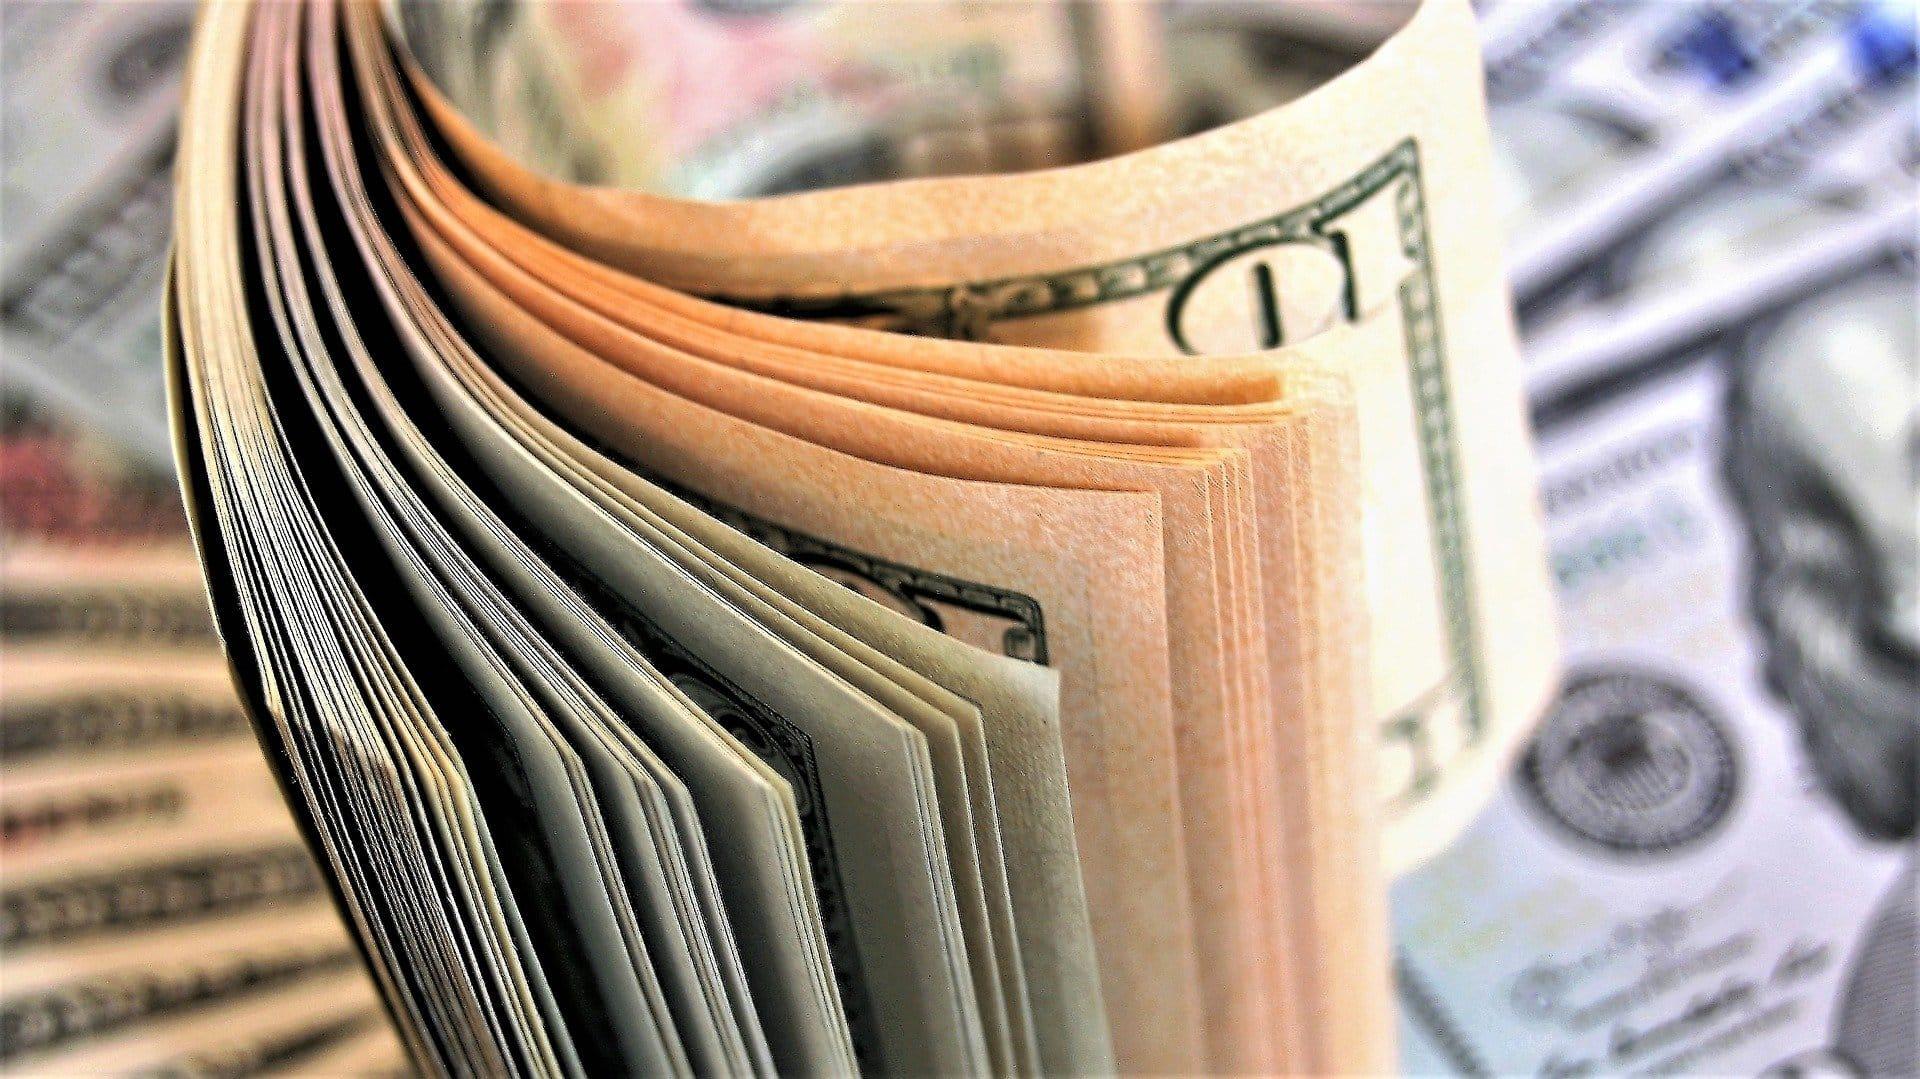 câștigați bani pe tranzacționare la schimb idei despre cum să faci bani